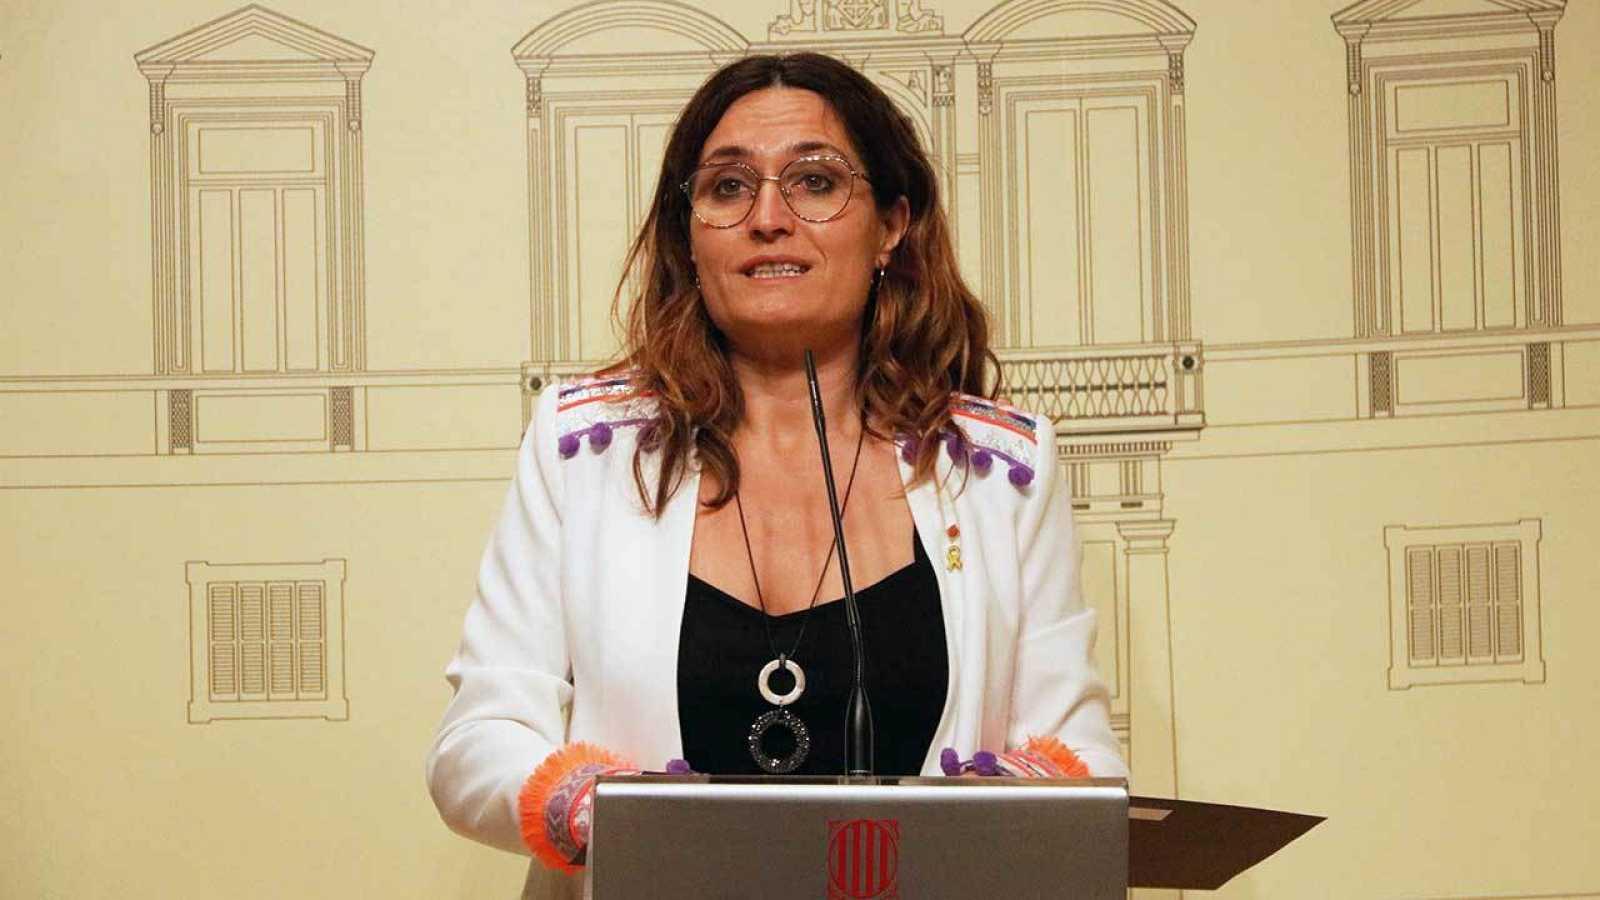 La consellera de la Presidència, Laura Vilagrà, assistirà al sopar del Cercle d'Economia